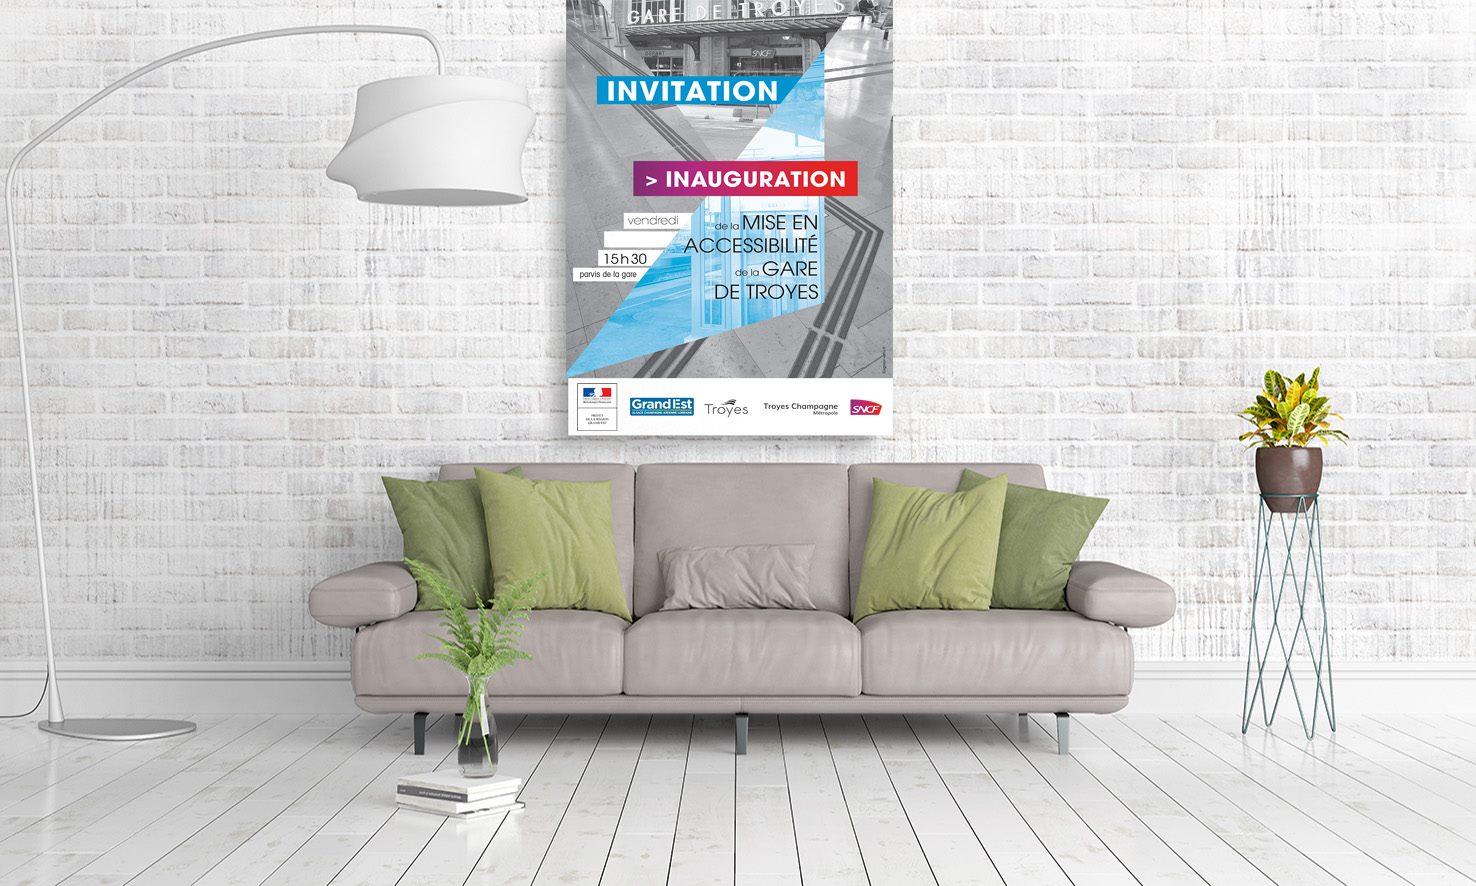 Campagne pour la gare de Troyes